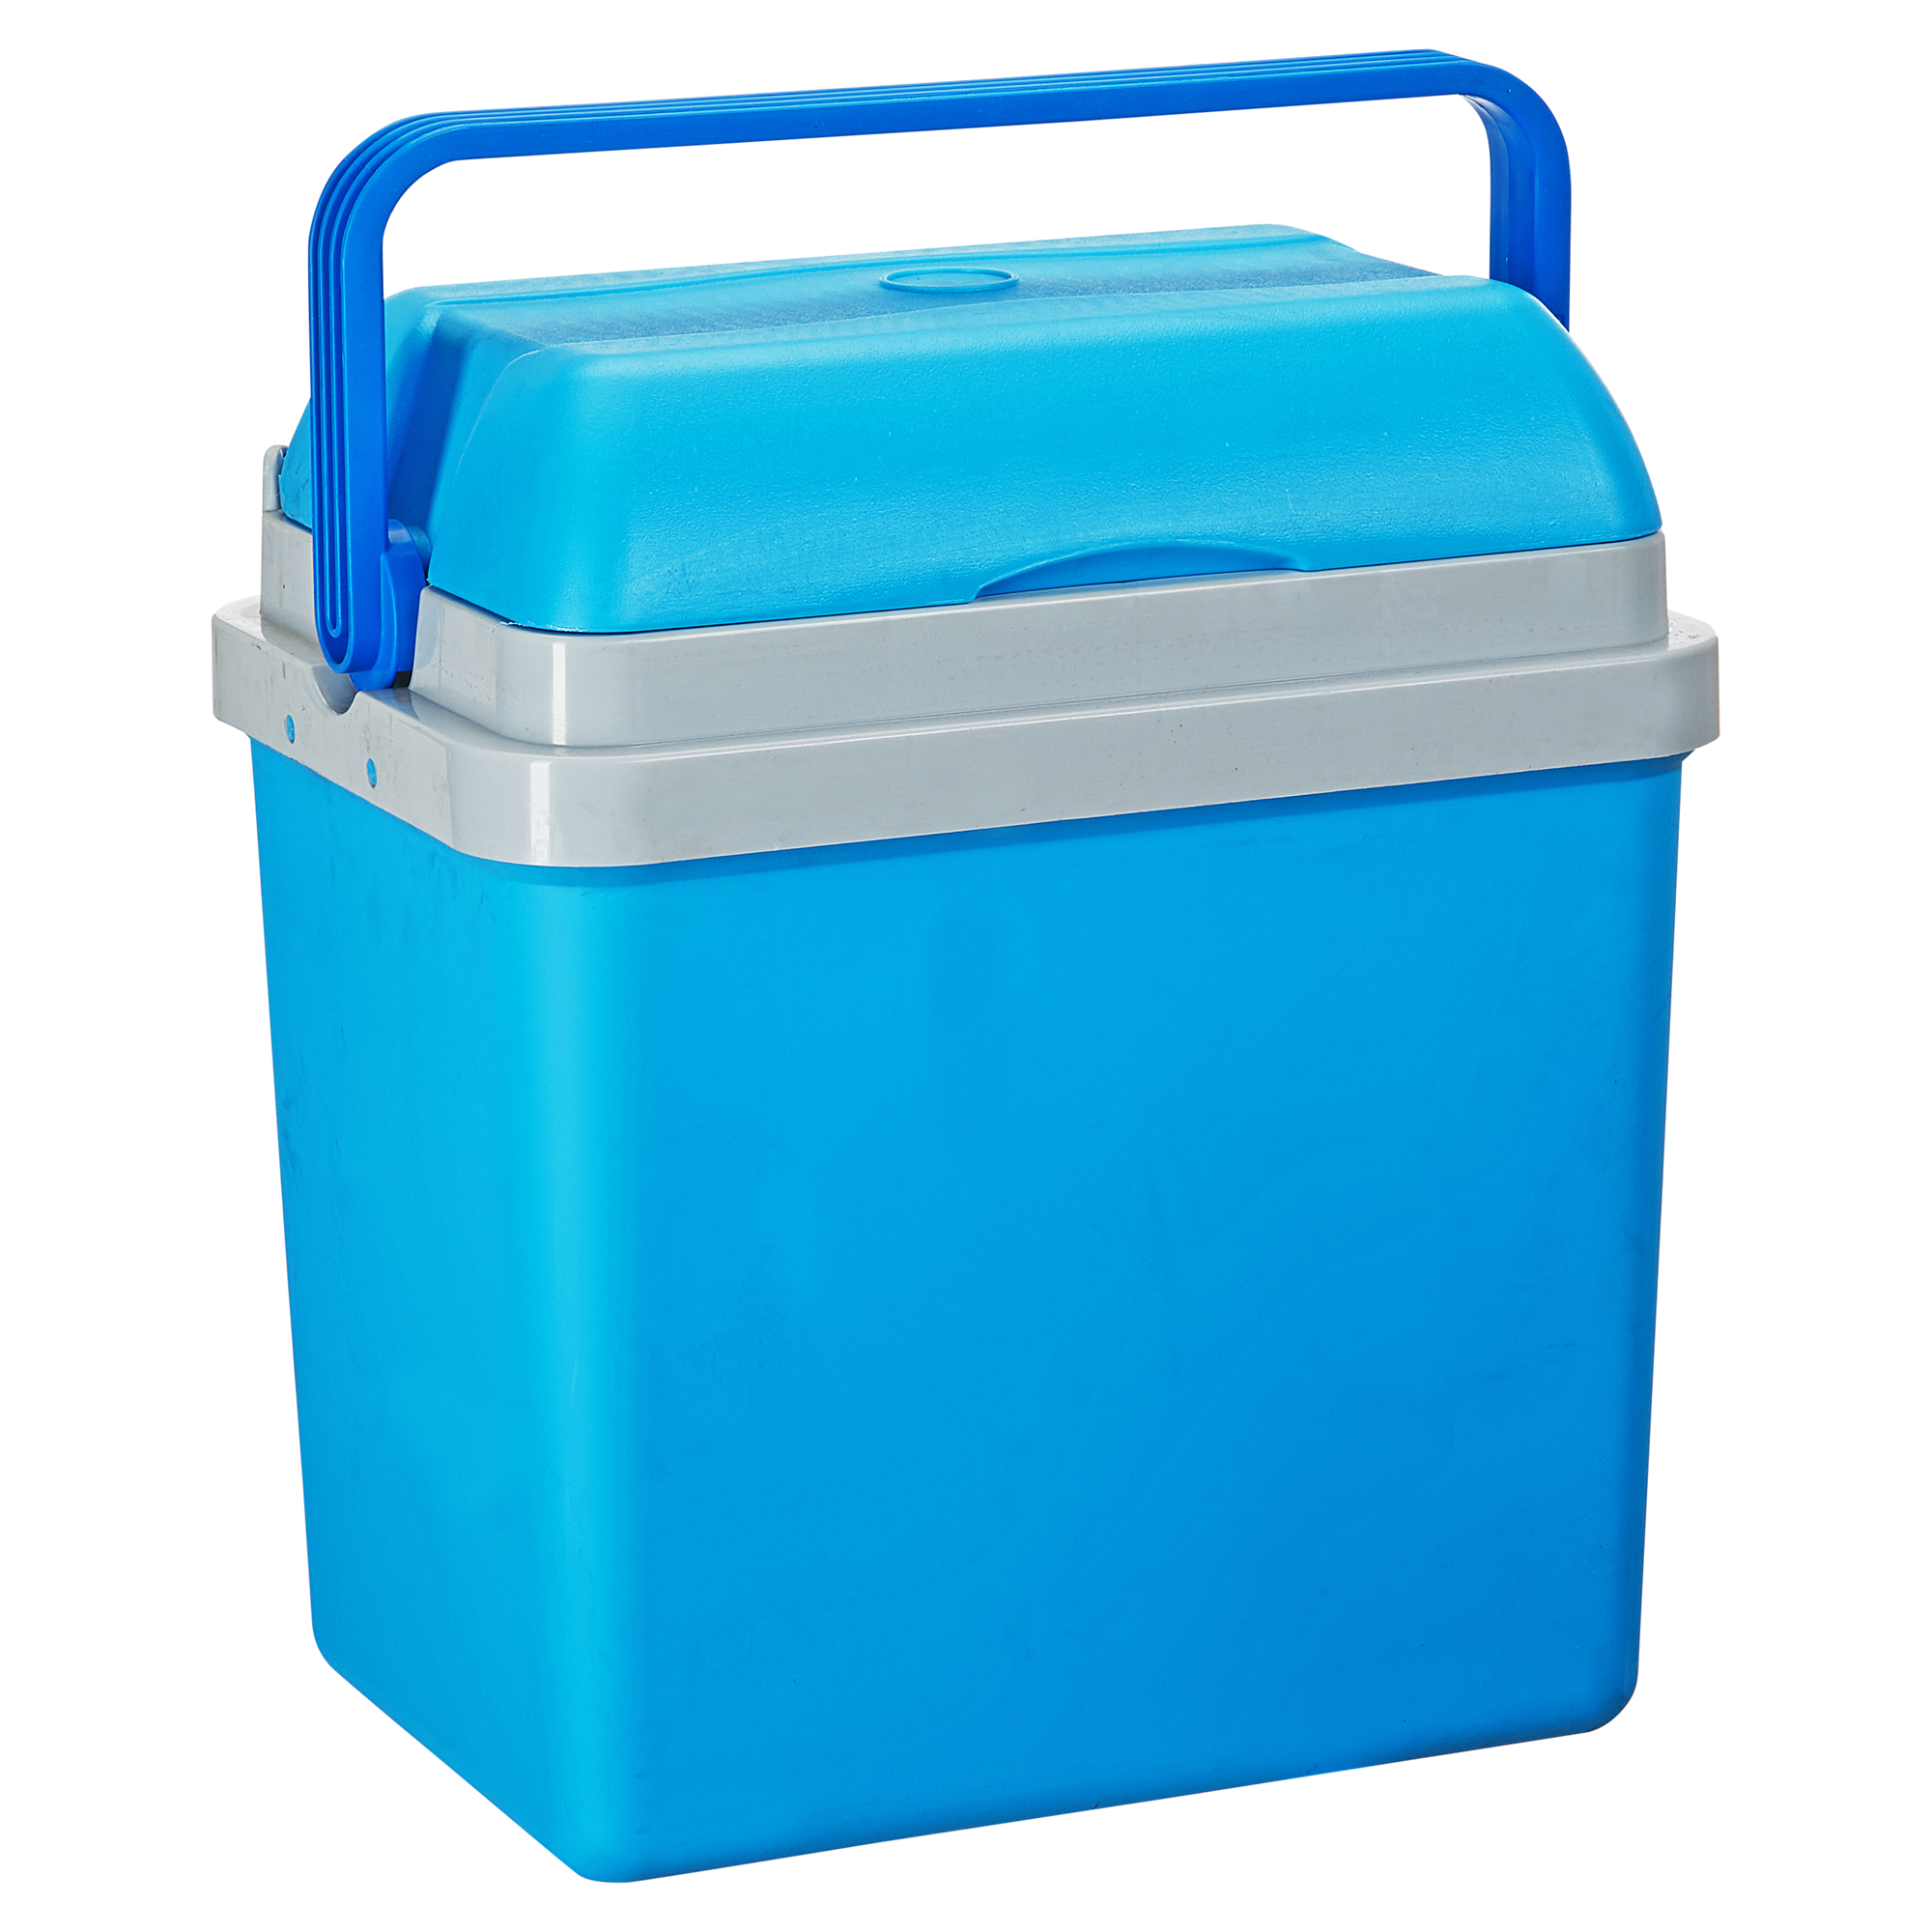 Kühlboxen  Kühlboxen und -akkus - toom Baumarkt